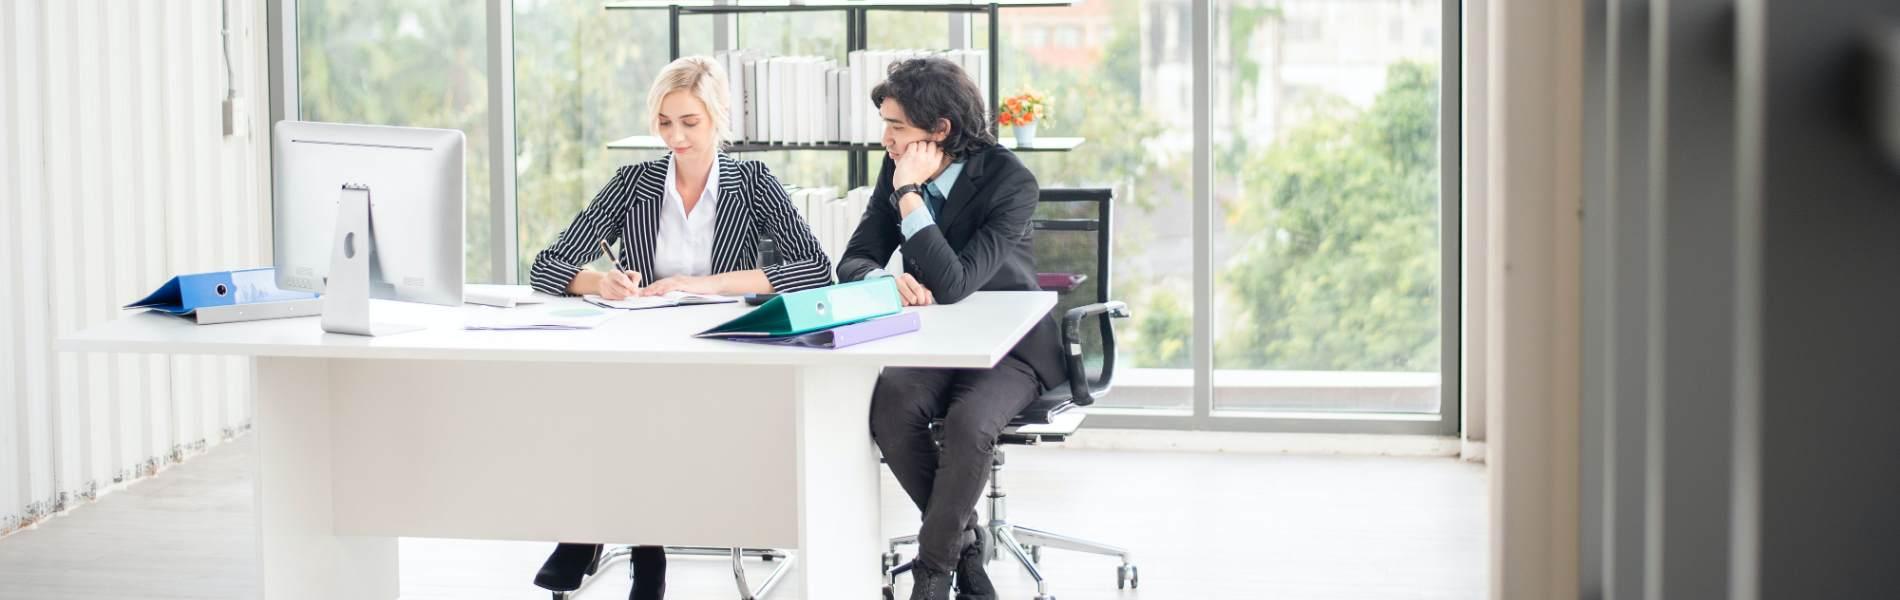 Cosas a tener en cuenta para mejorar la capacitación de tu empresa